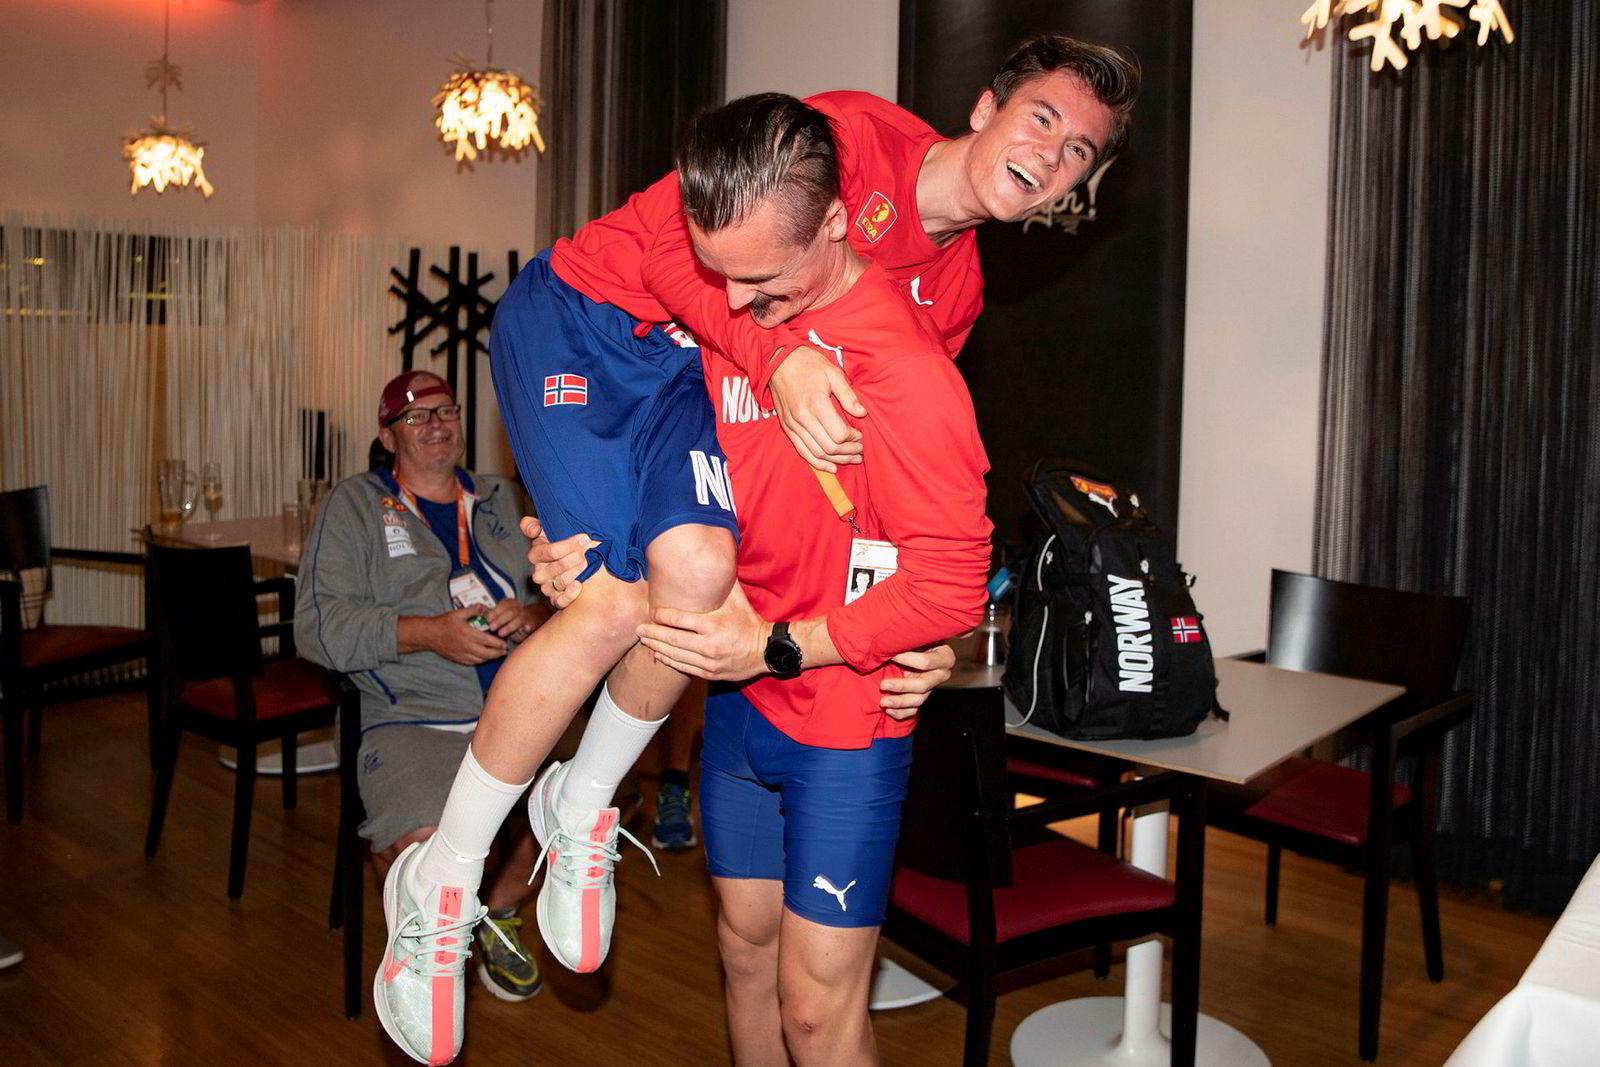 Jakob og Henrik Ingebrigtsen under seiersfesten på utøverhotellet i Berlin etter å ha vunnet gull og sølv på 5000-meteren i EM.